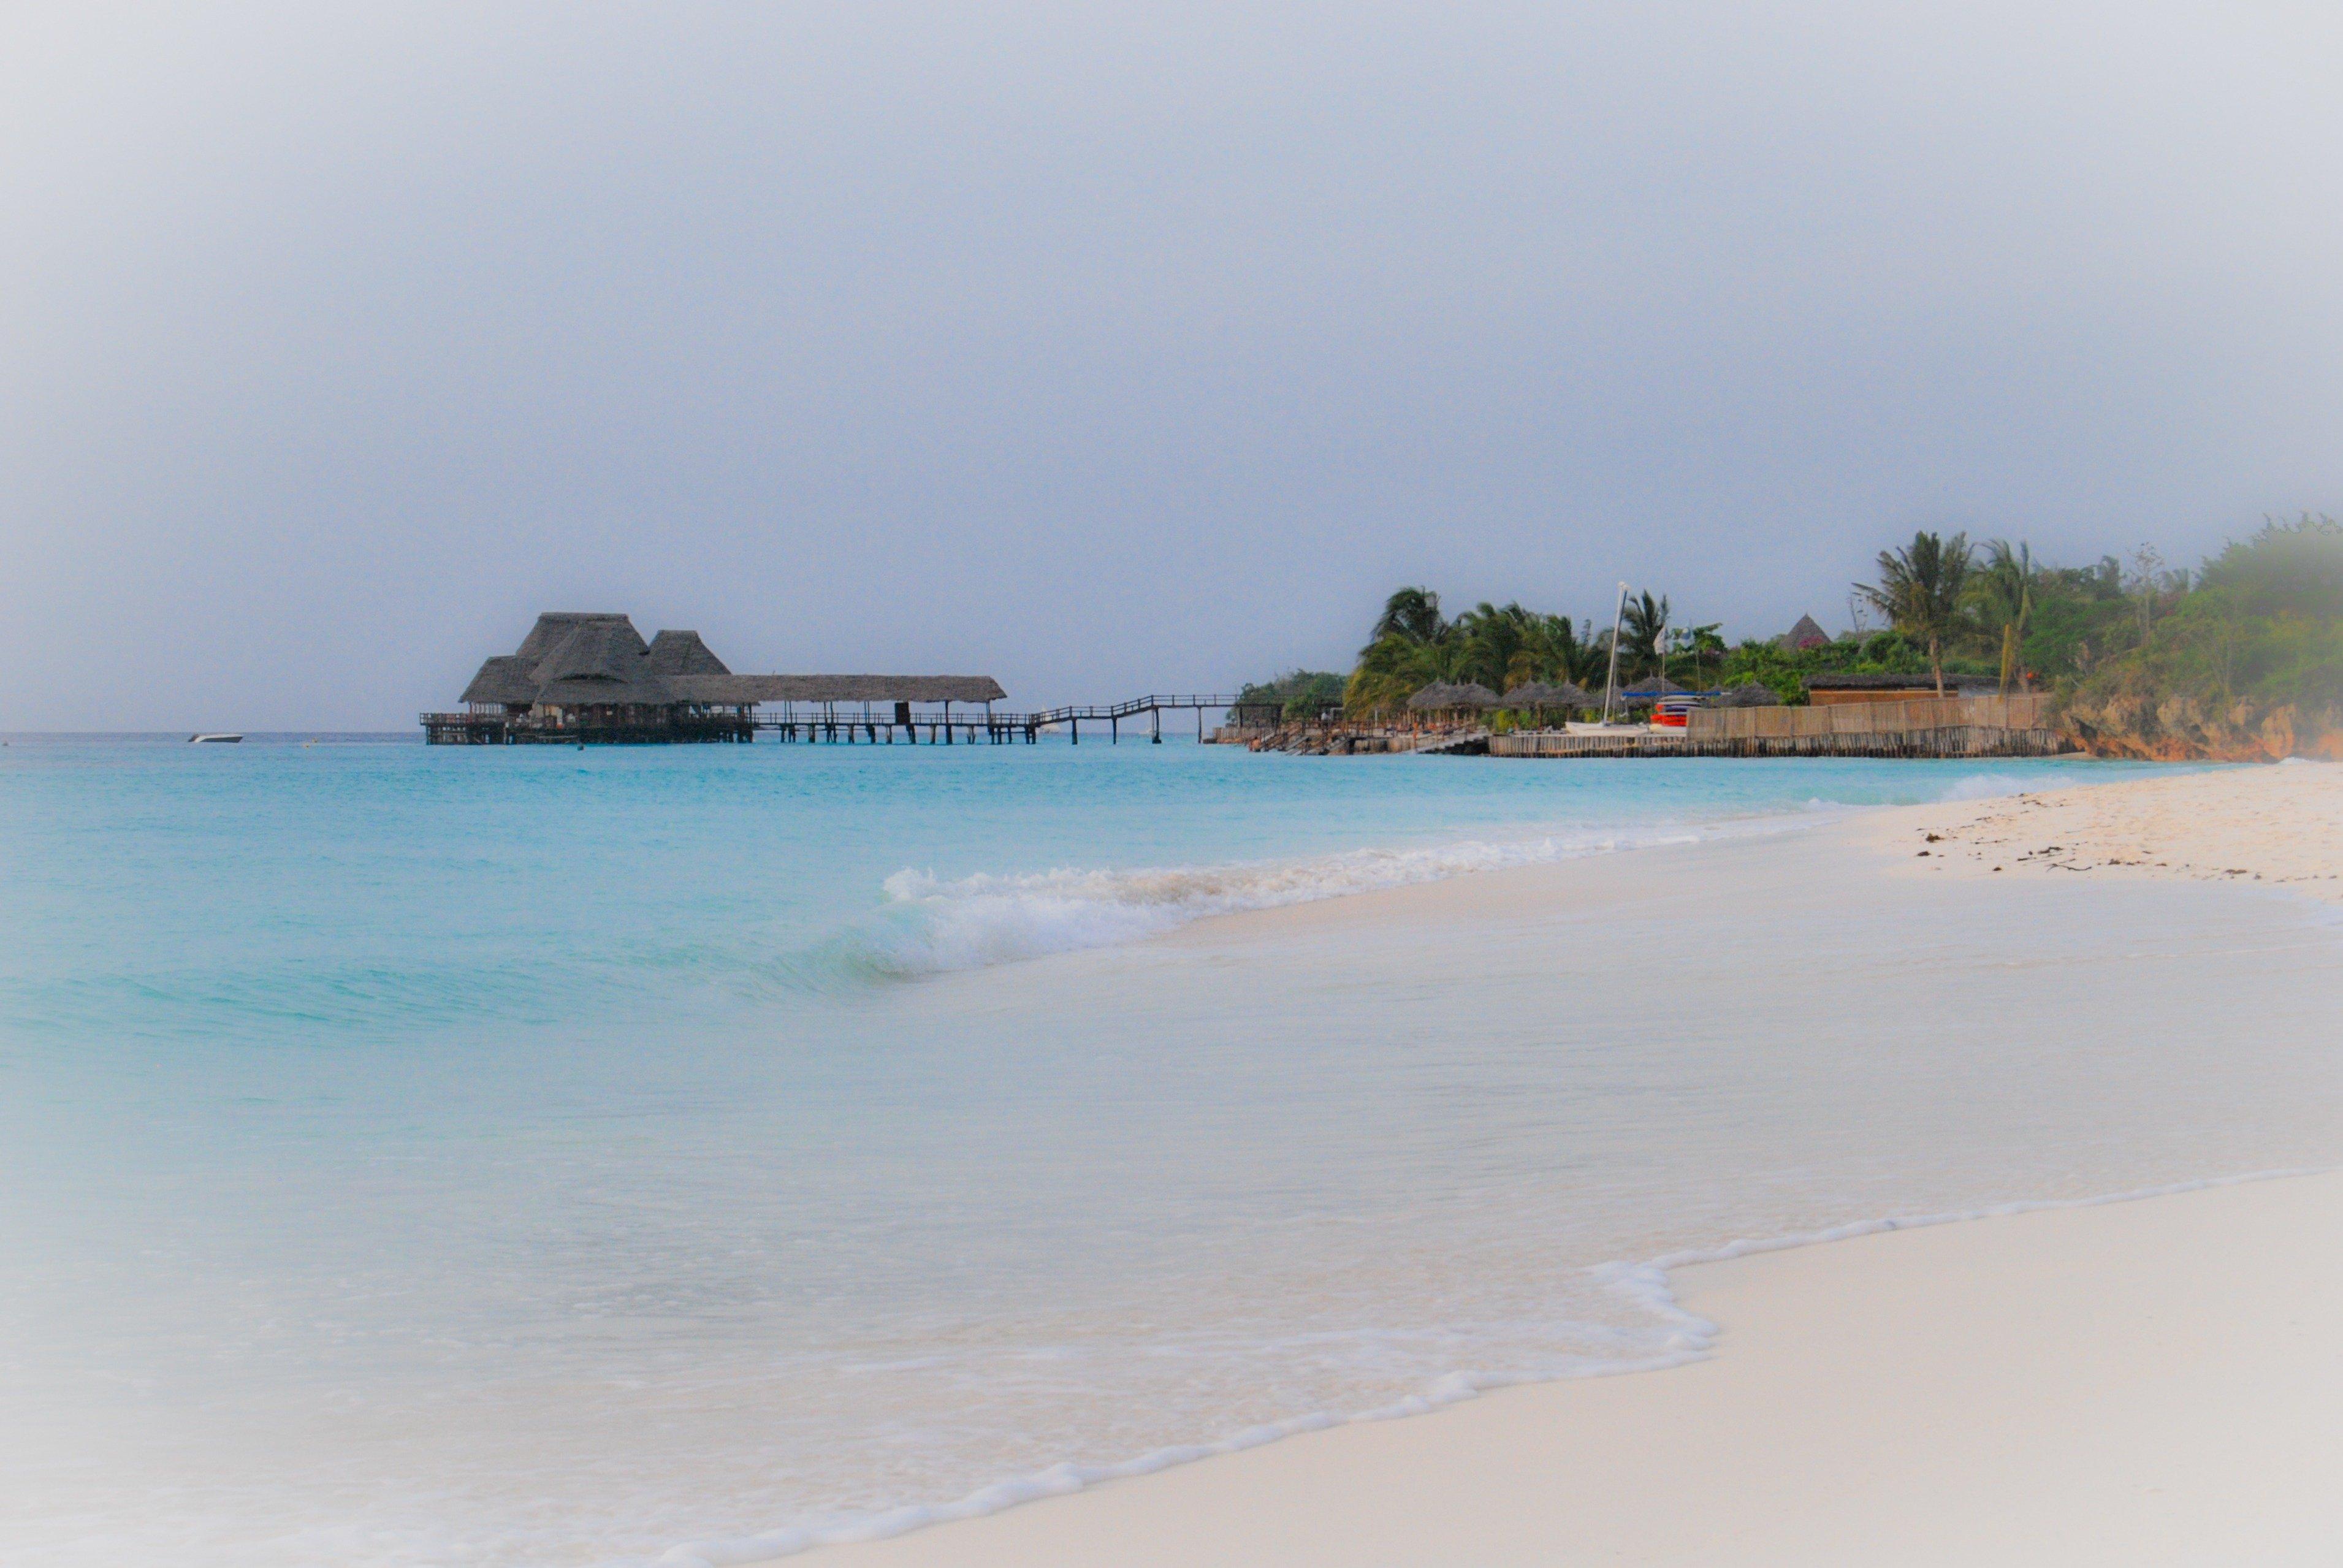 dove alloggiare a Zanzibar gemma Dell est